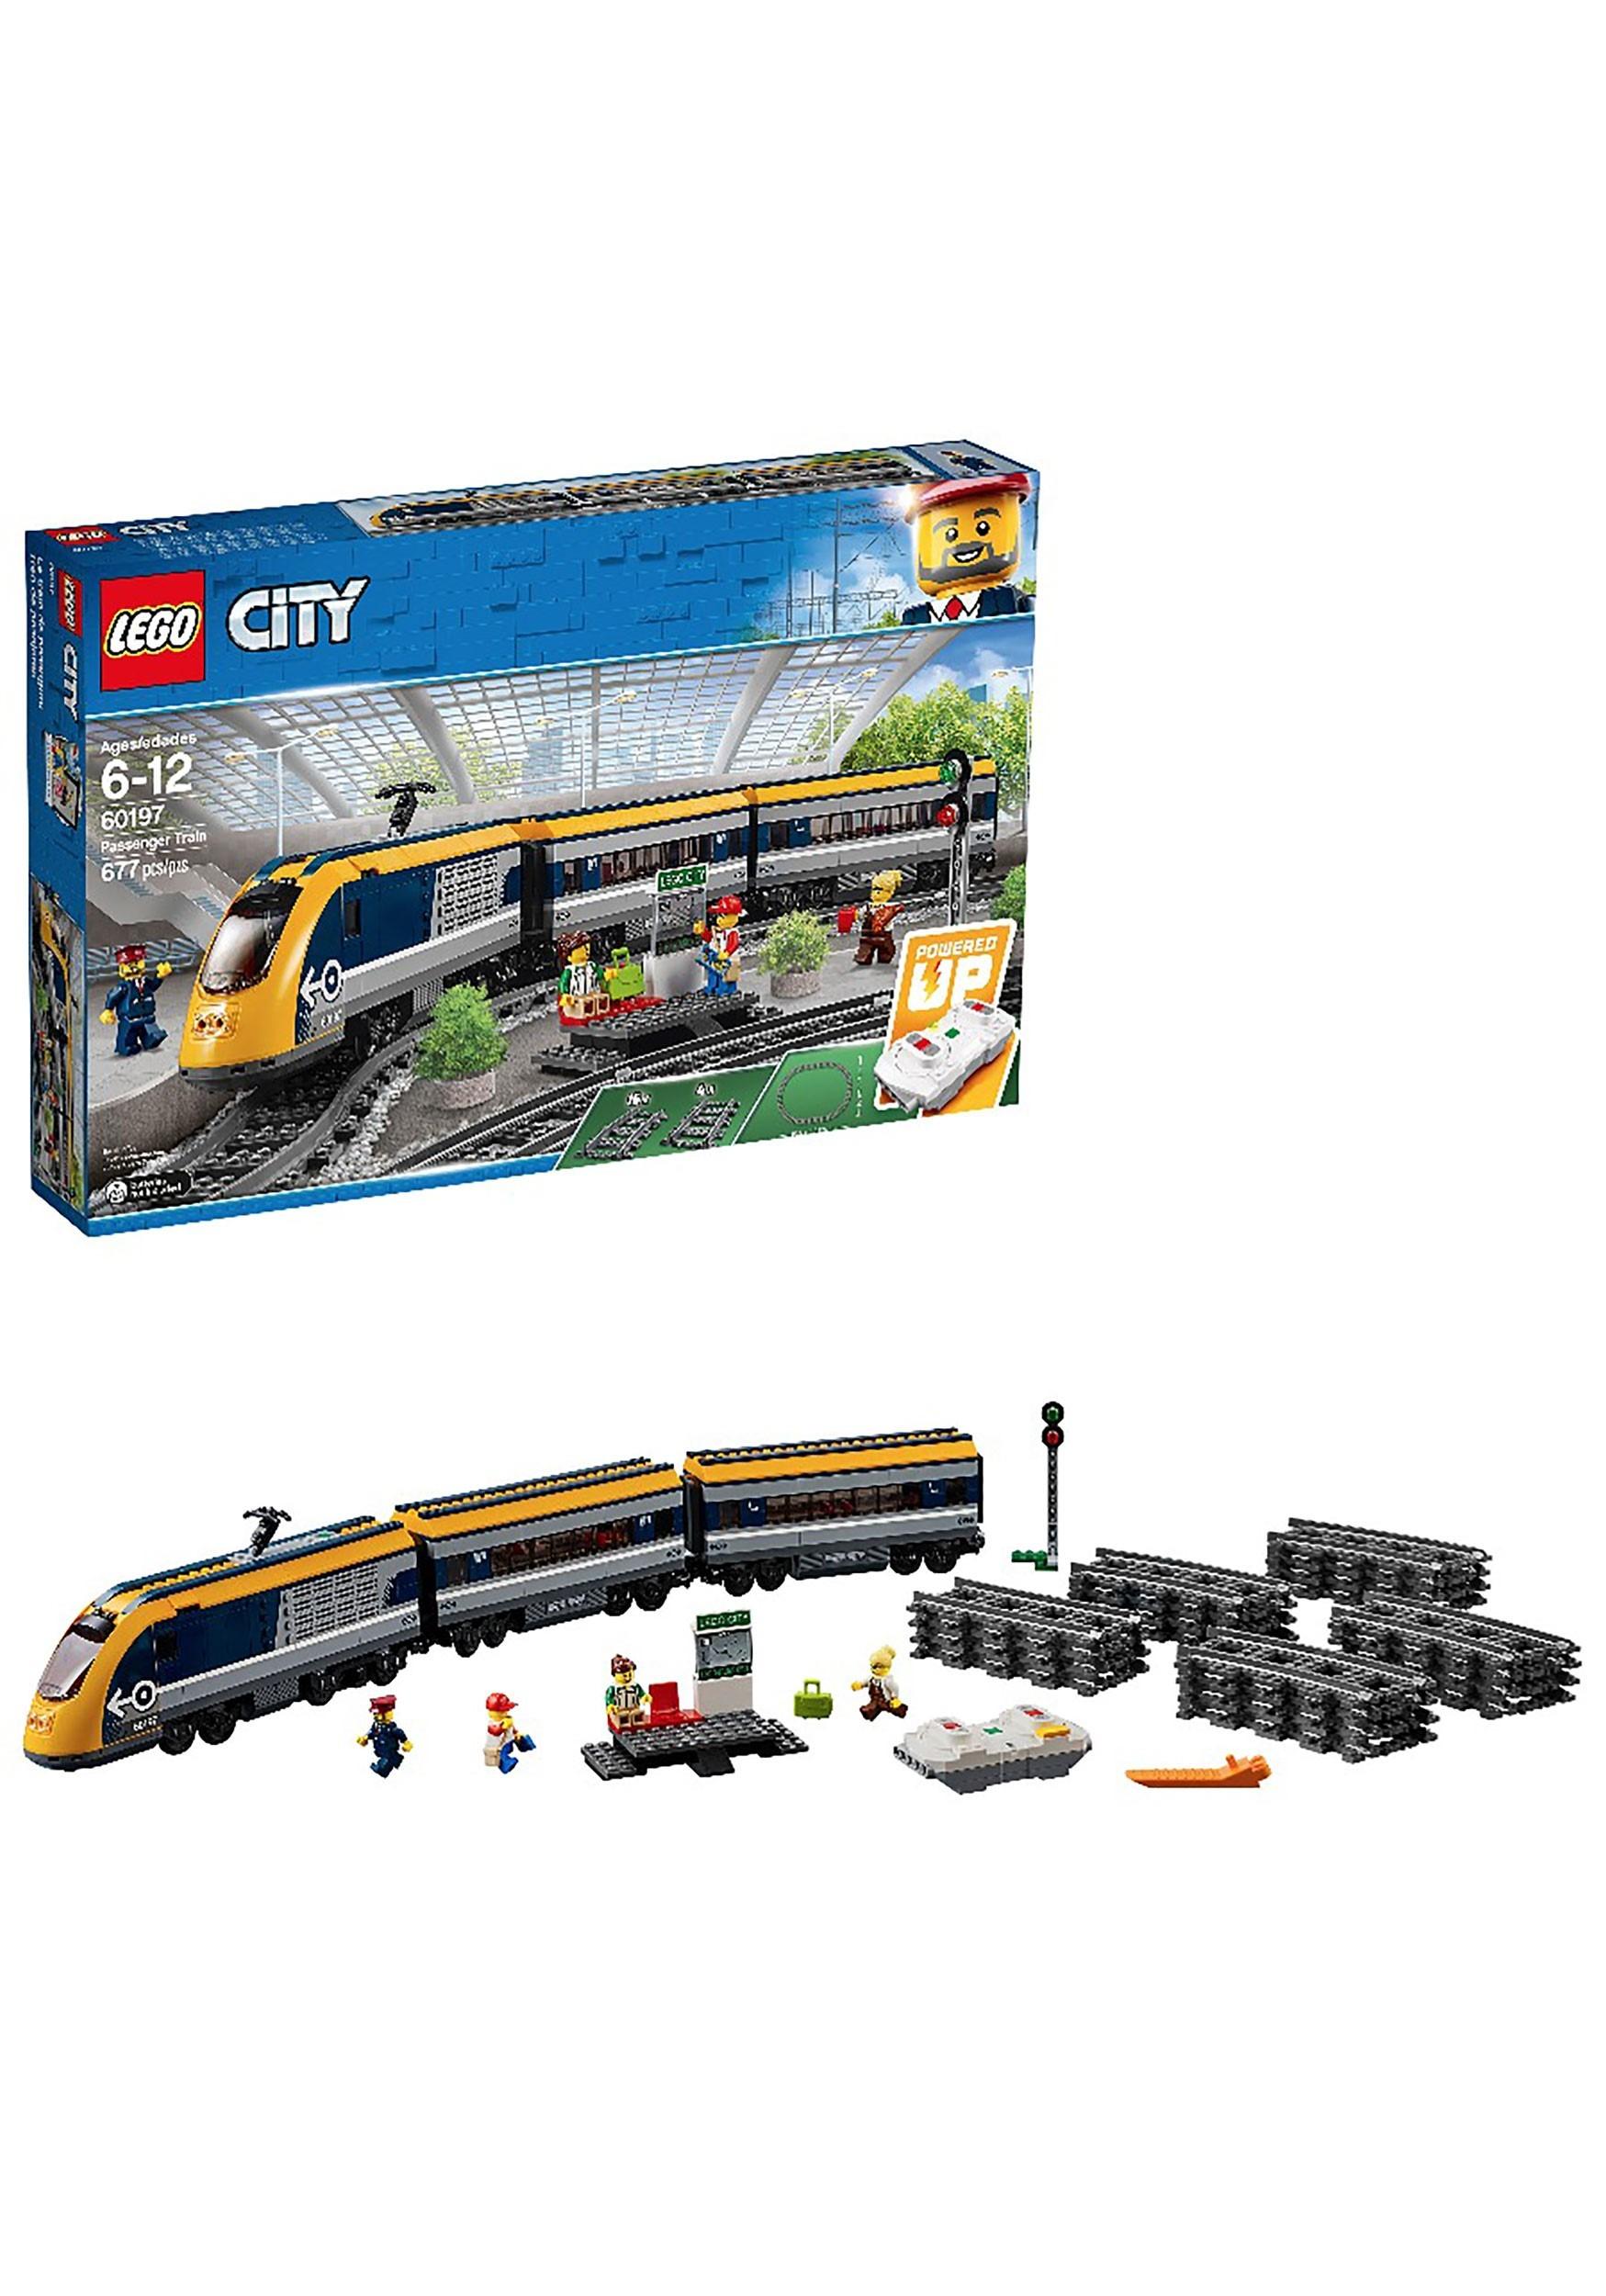 Passenger Train: LEGO City Building Set